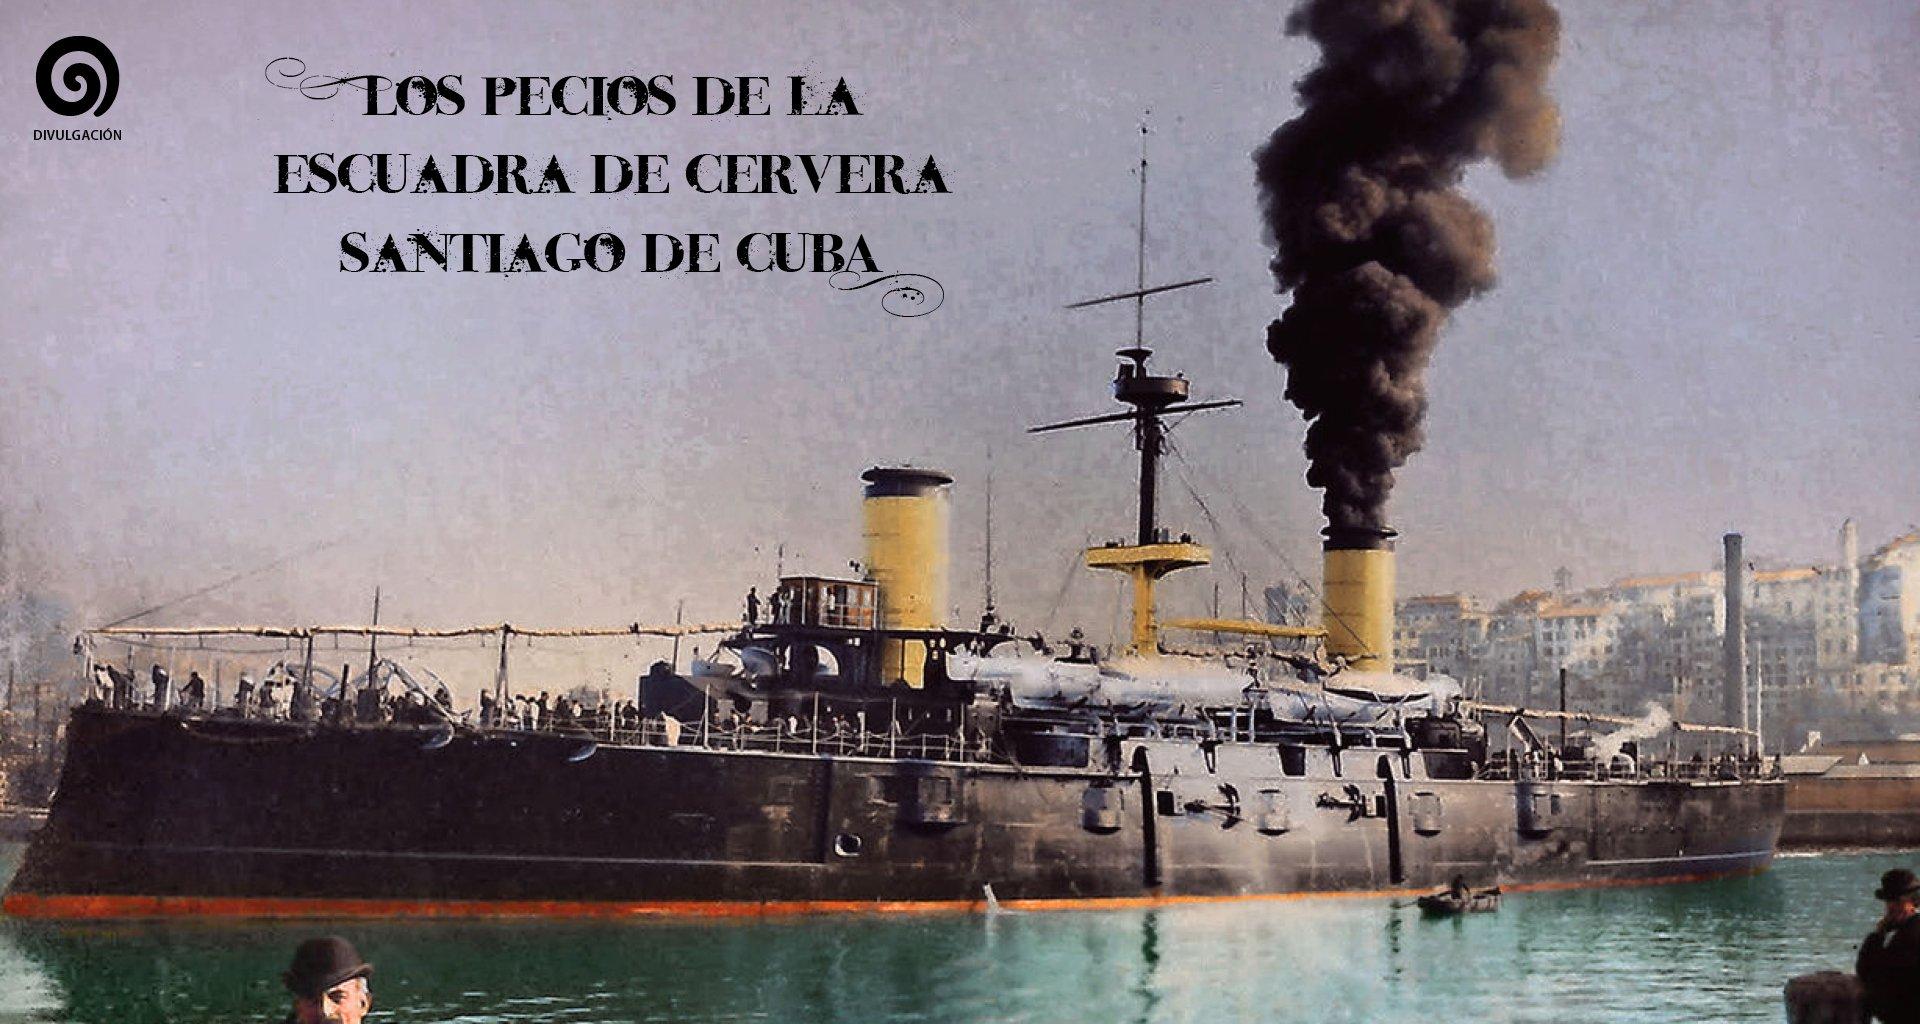 Portadas-web-aQua2311